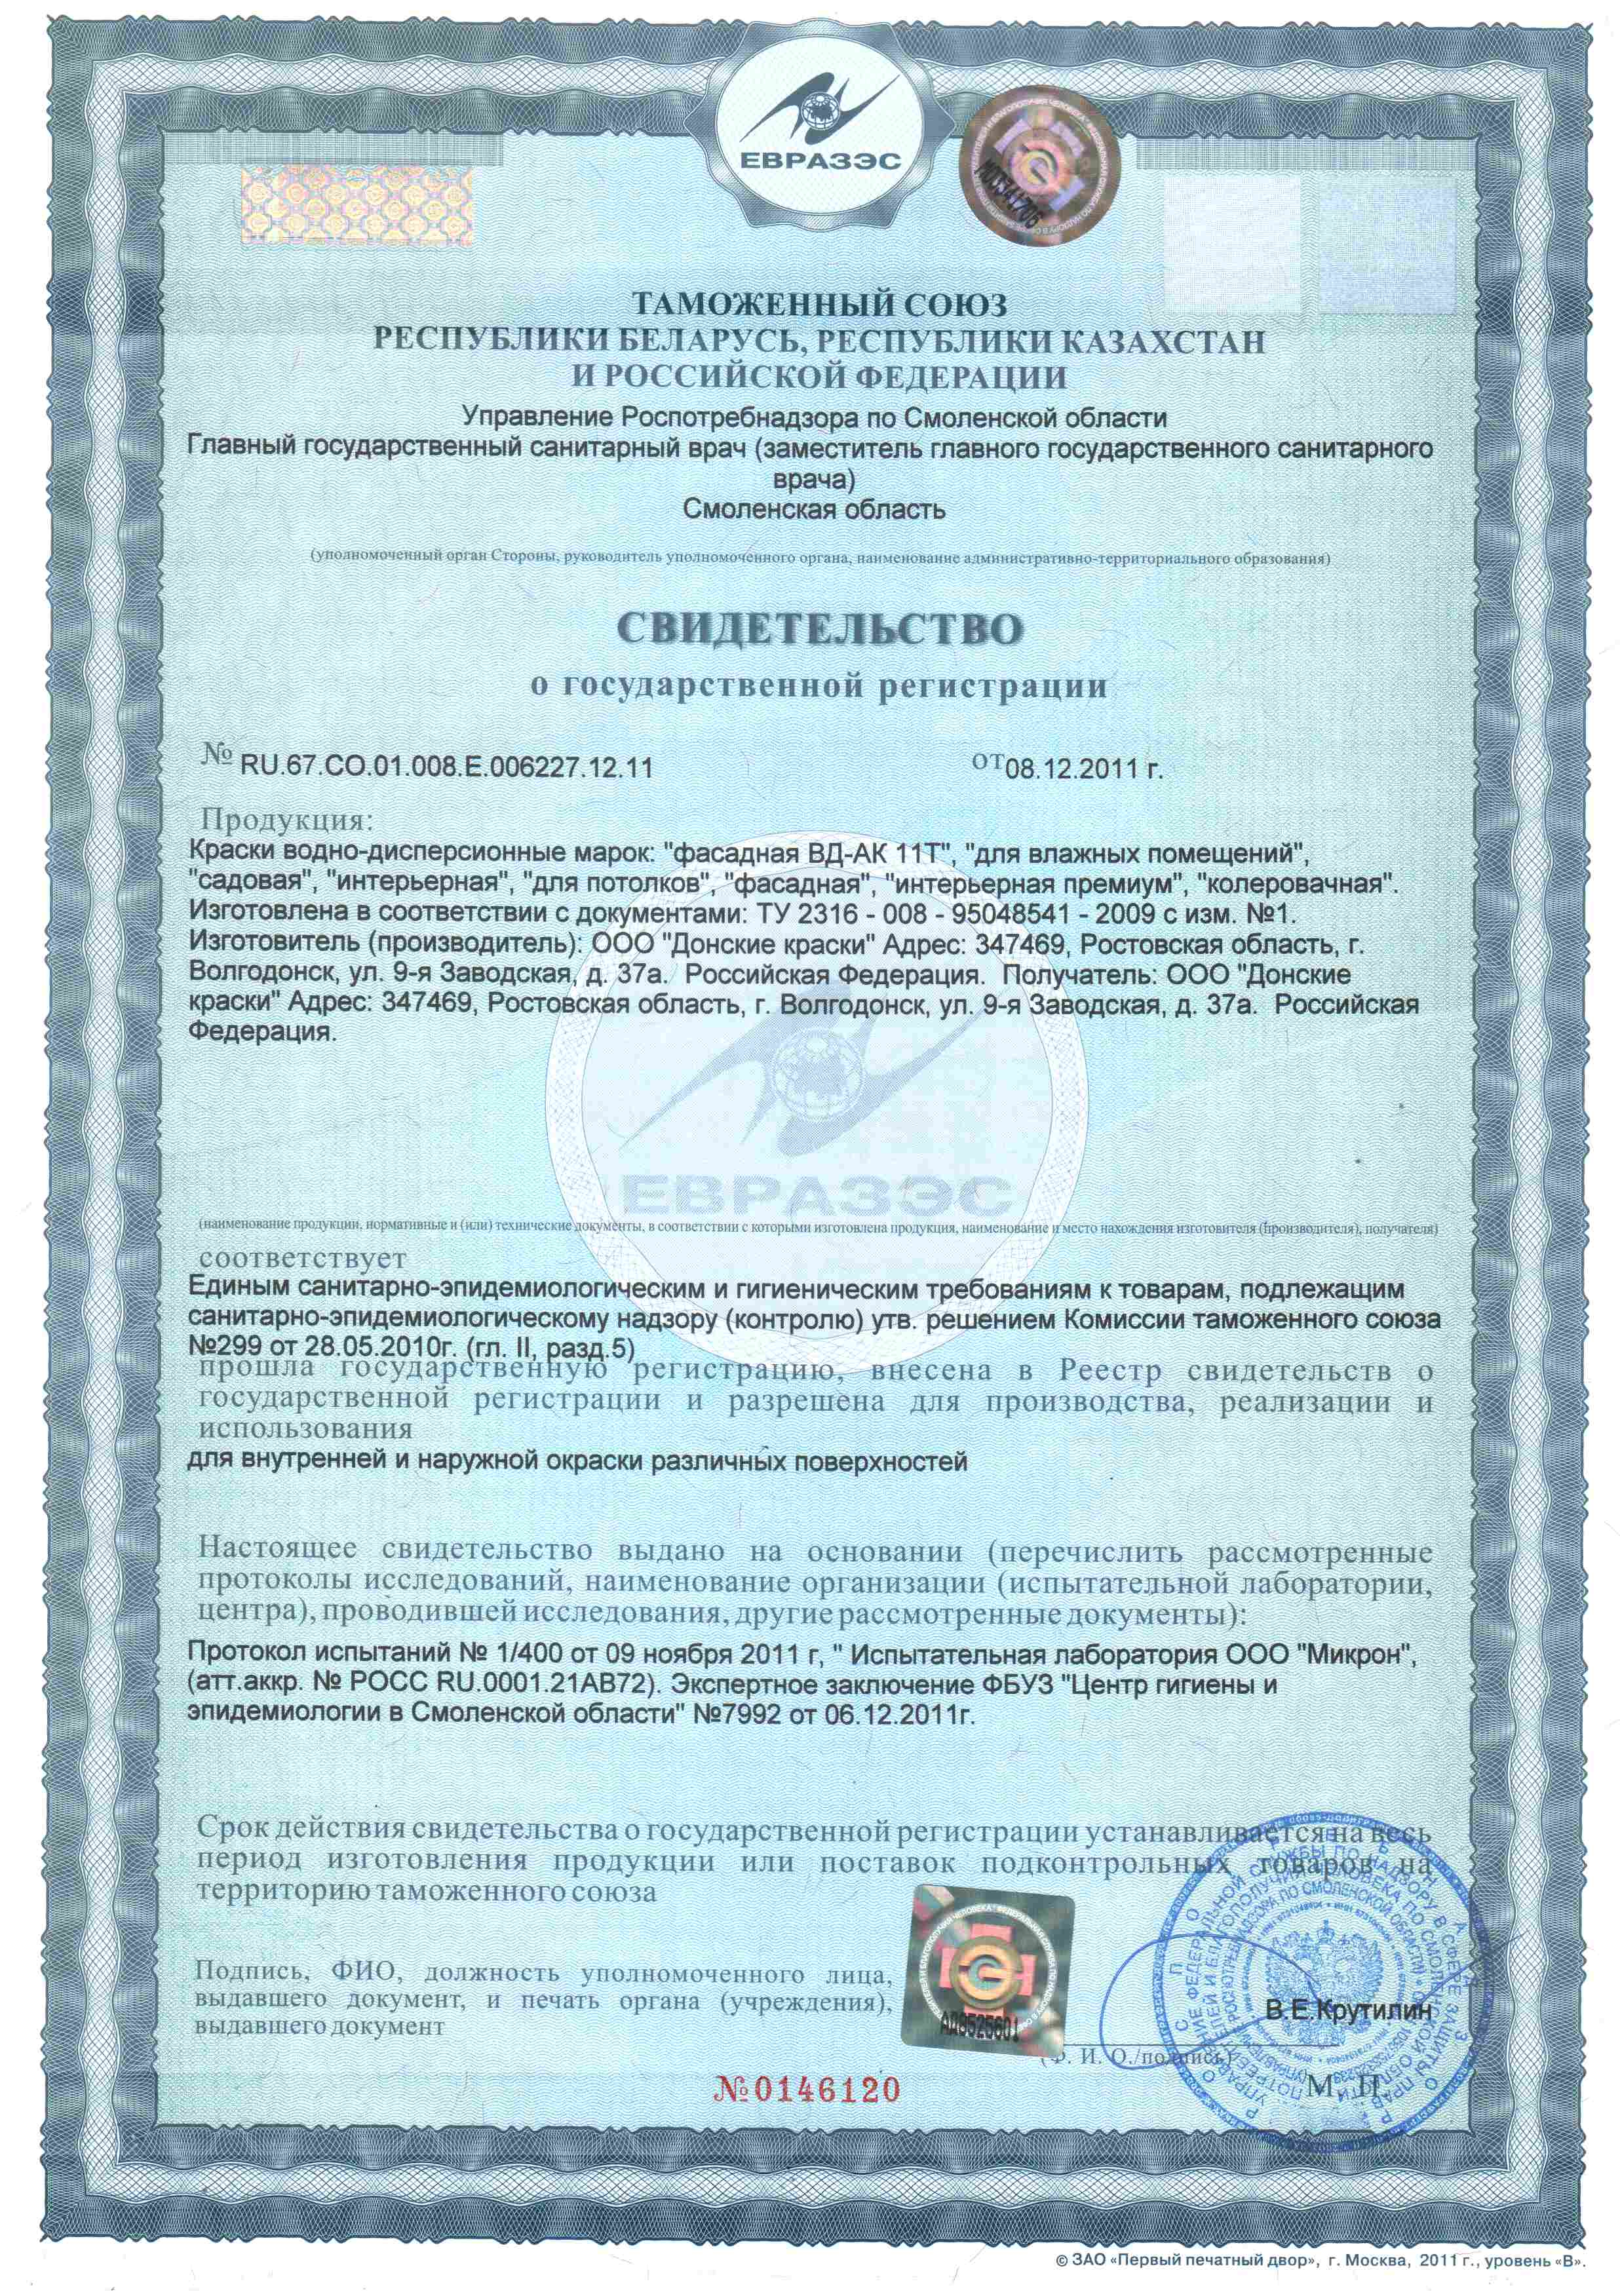 бланк сертификата на стройматеиалы